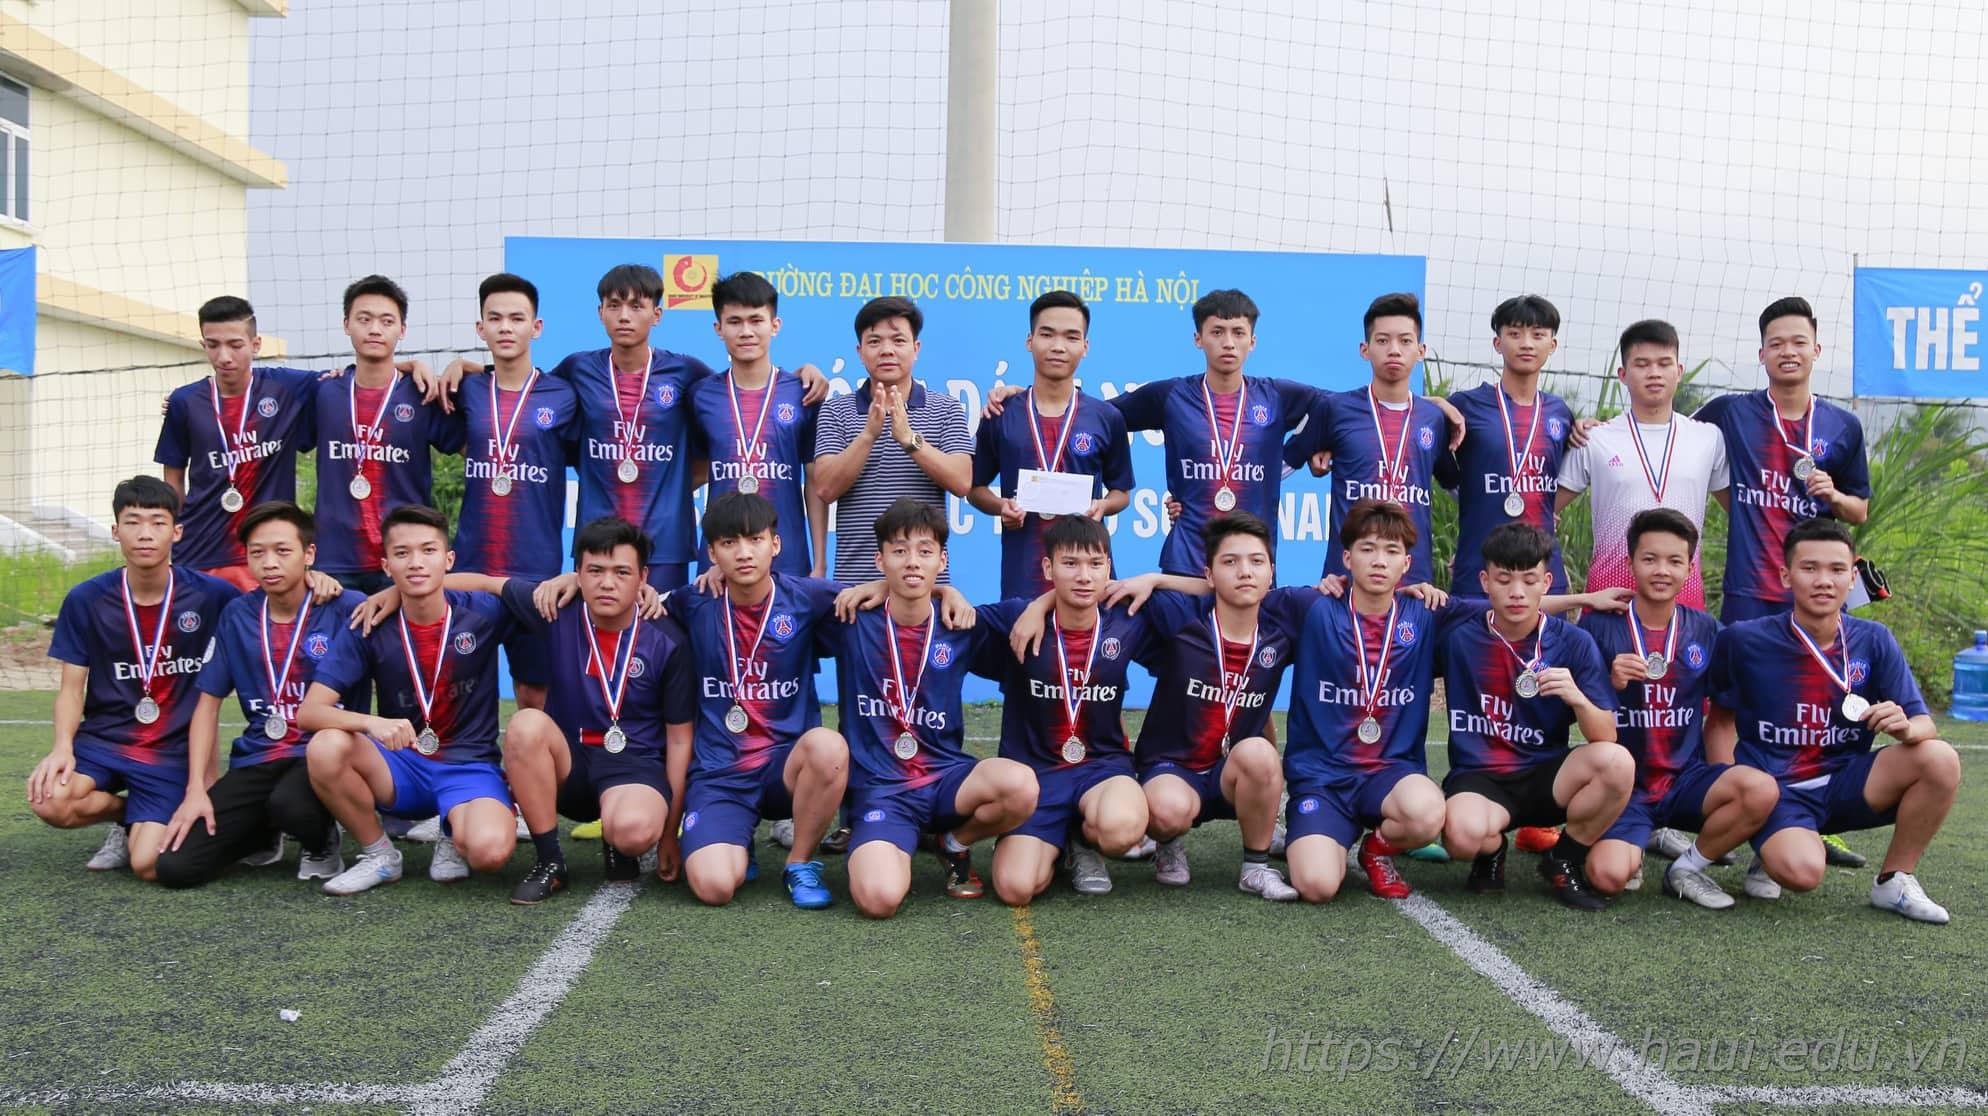 Chung kết giải bóng đá nam học sinh sinh viên năm 2019